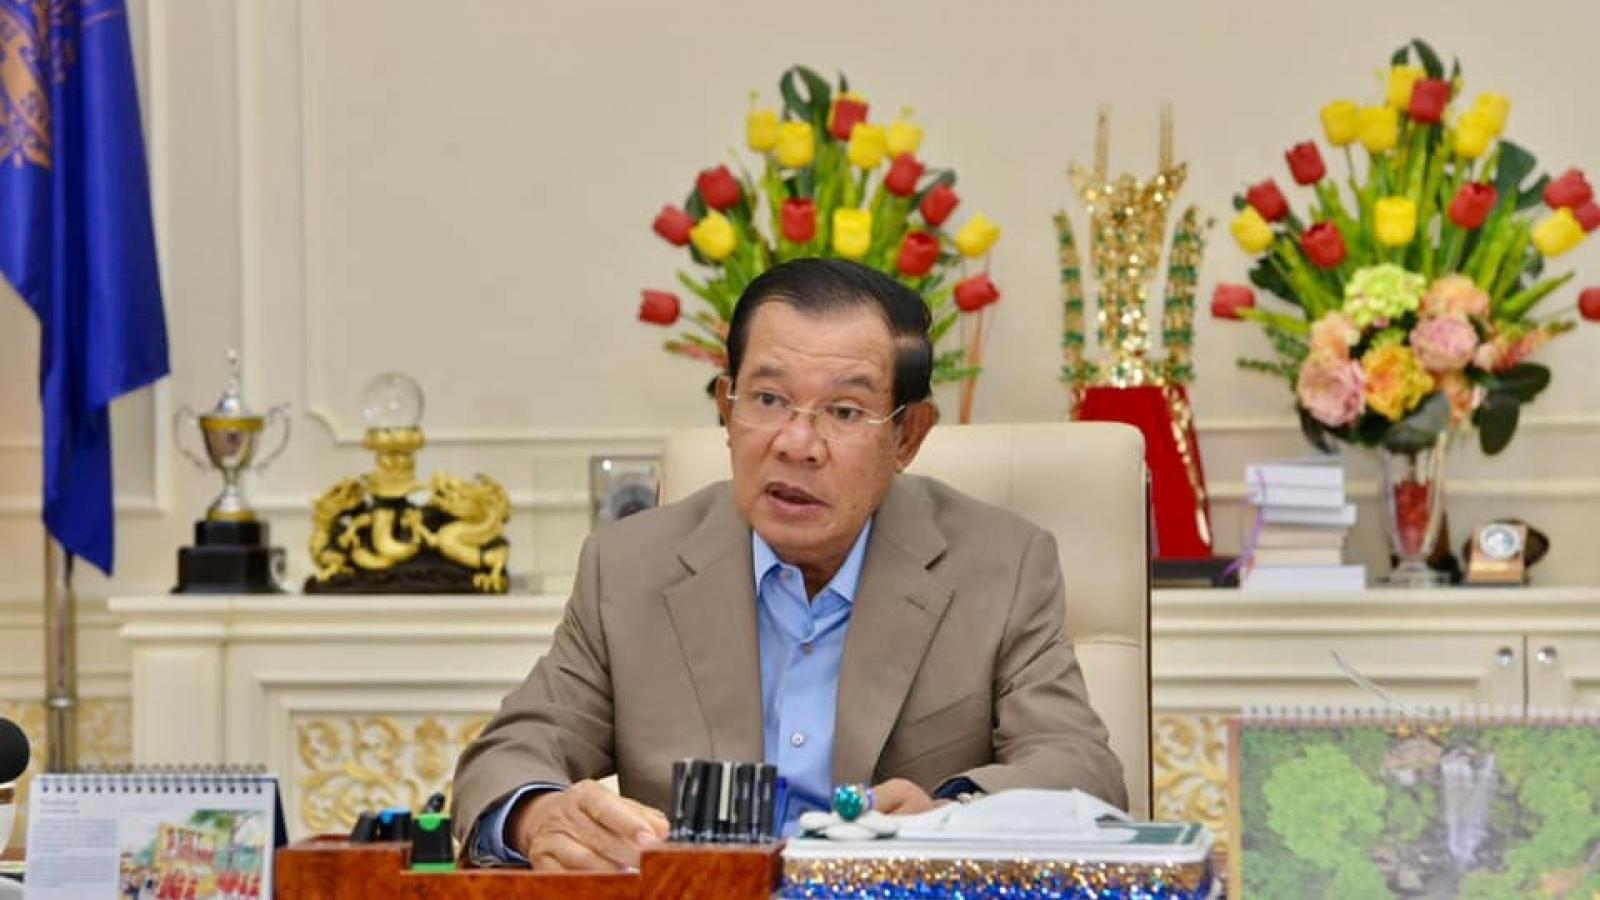 Campuchia chuẩn bị khai thác mỏ vàng có sản lượng 3 tấn mỗi năm